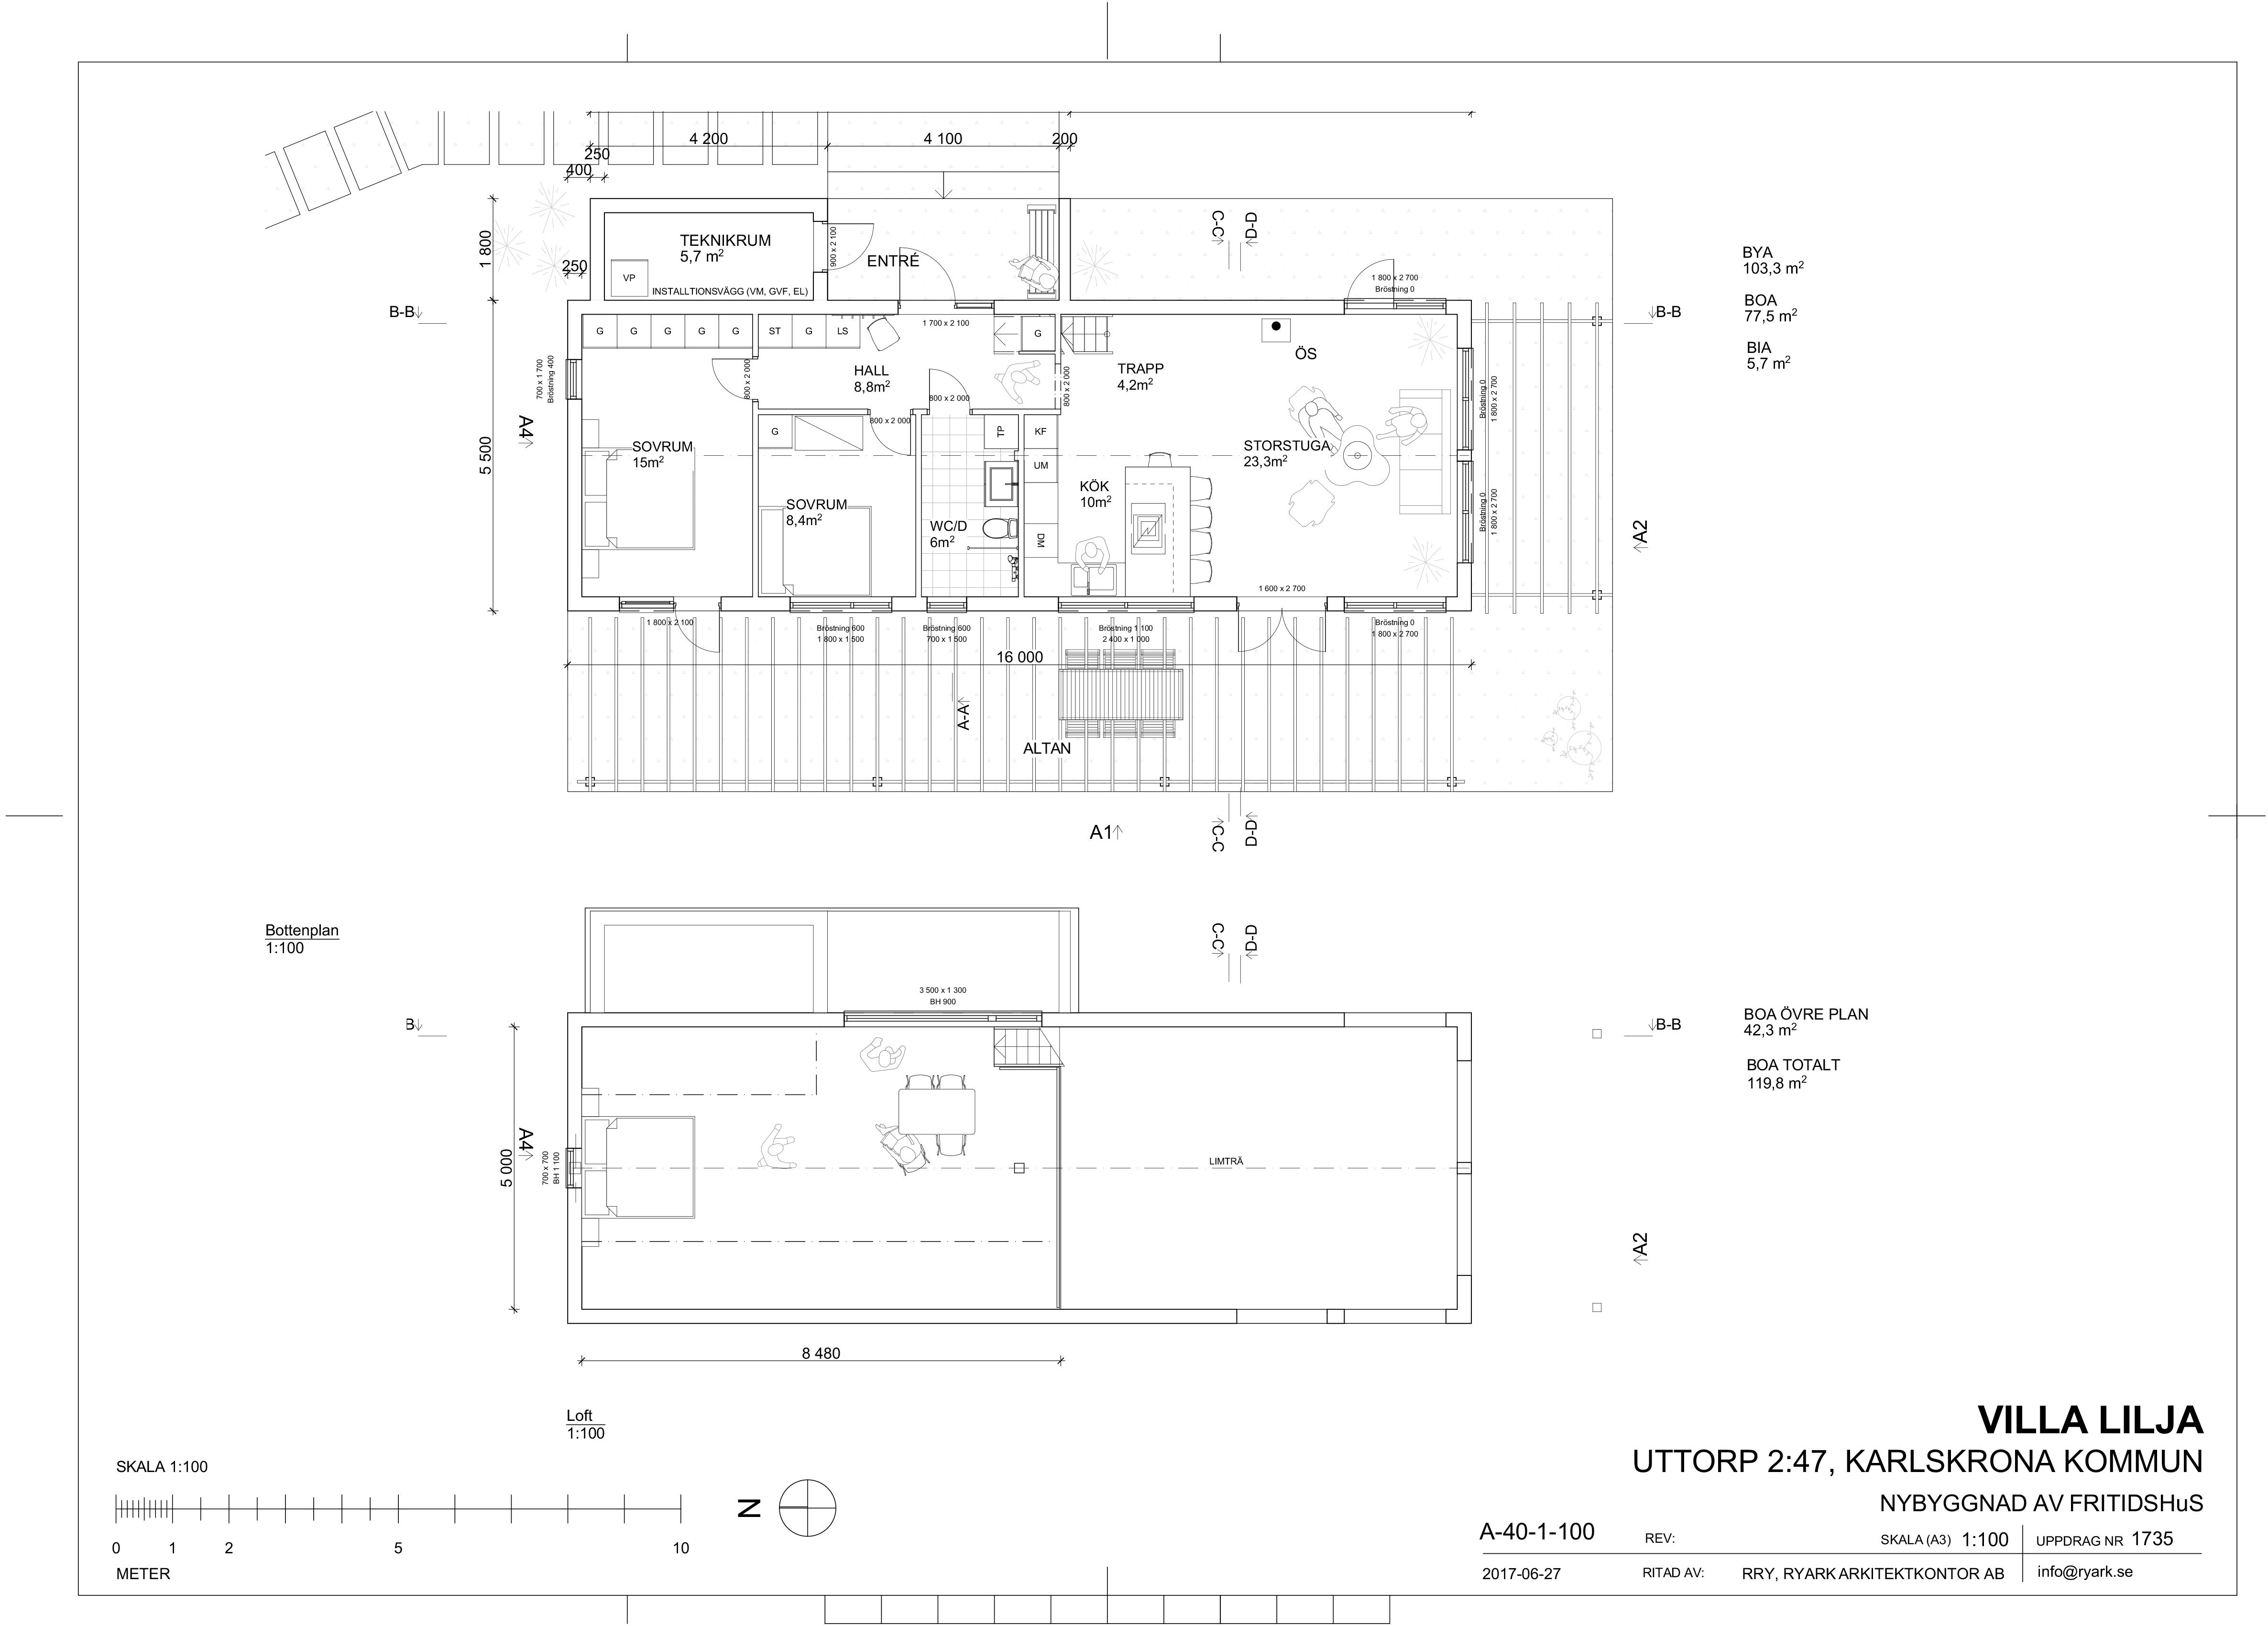 arkitekt fritidshus karlskrona Blekinge planritning